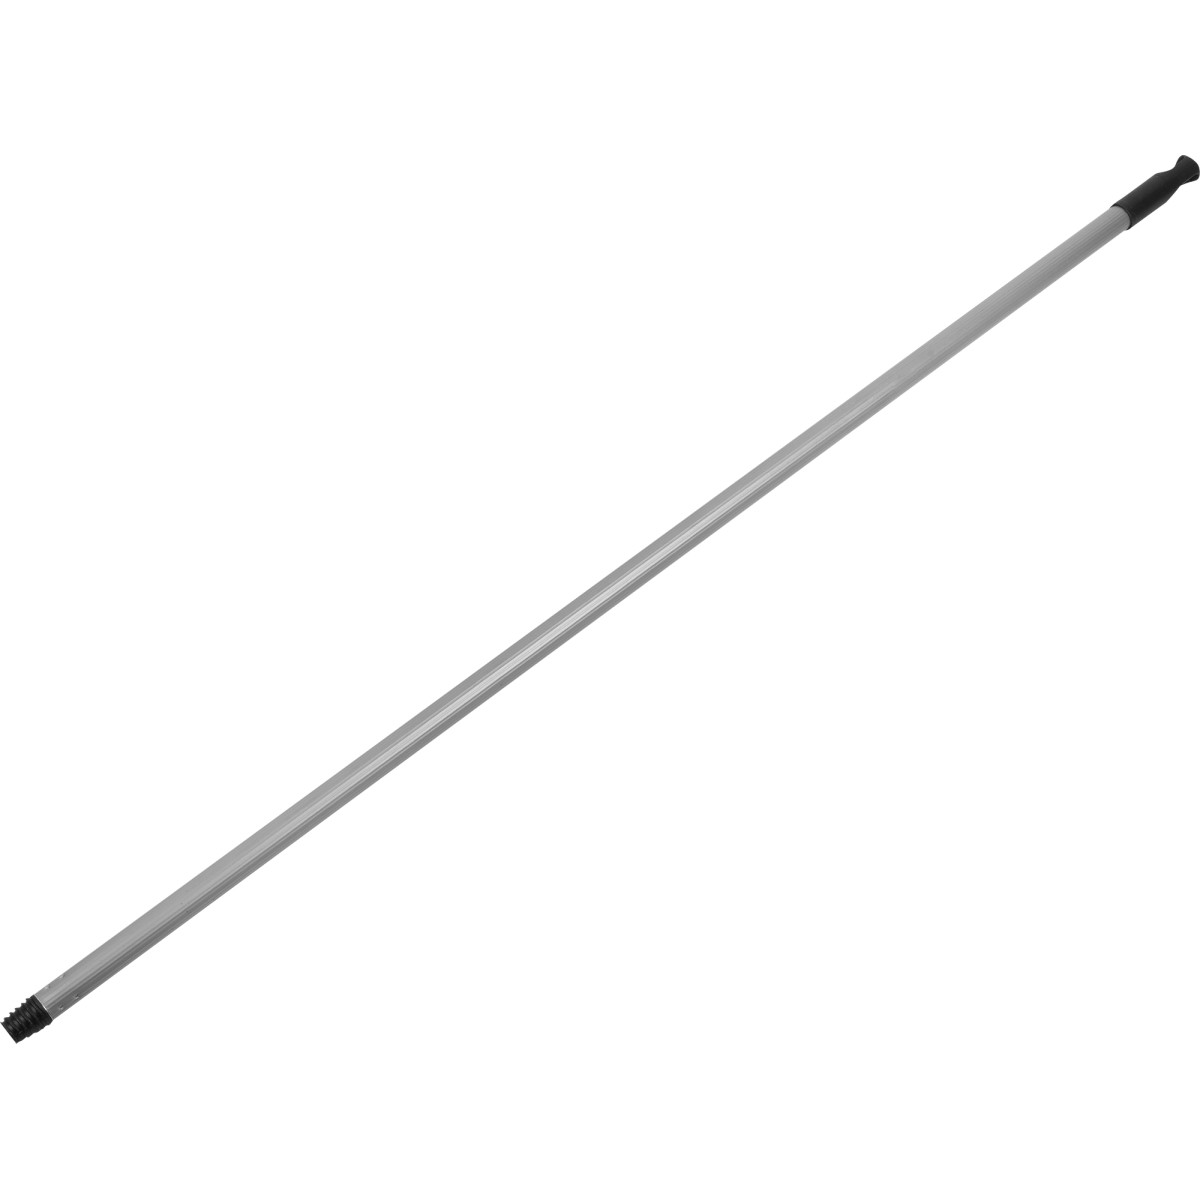 Черенок универсальный 110 см диаметр 24 мм